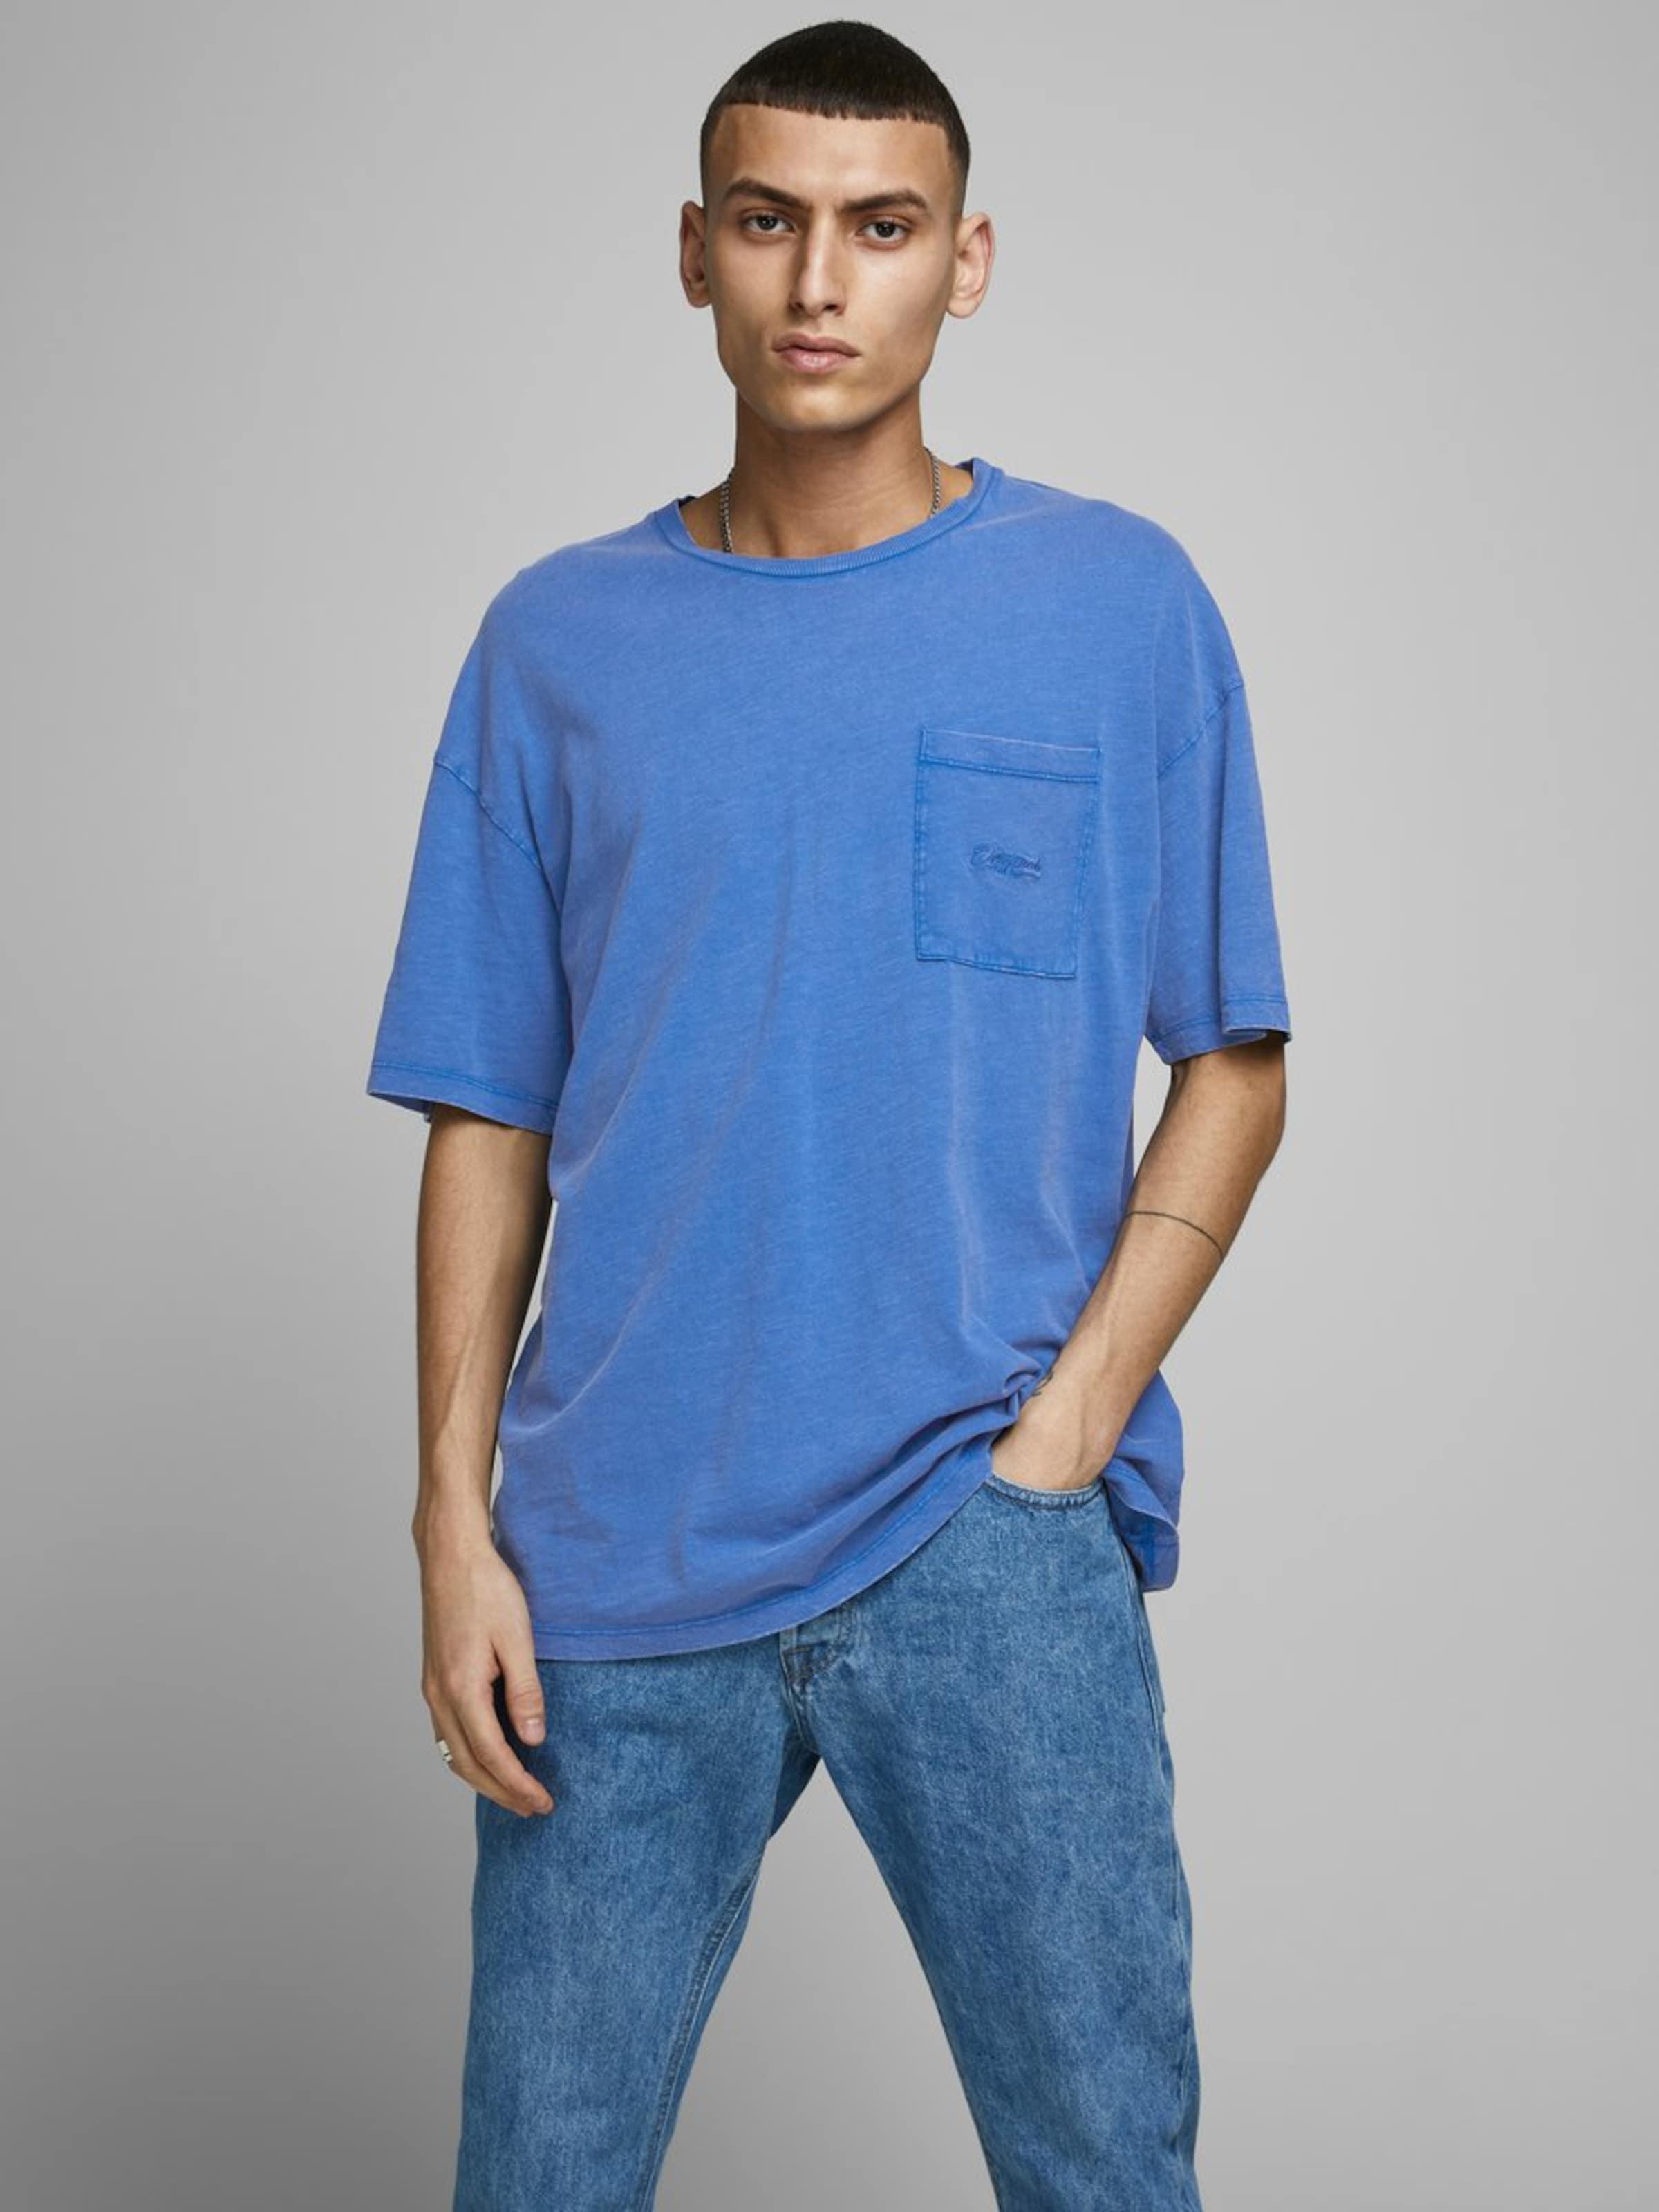 JACK & JONES Rundhalsausschnitt T-Shirt in blau Runder Saum 5714515941684